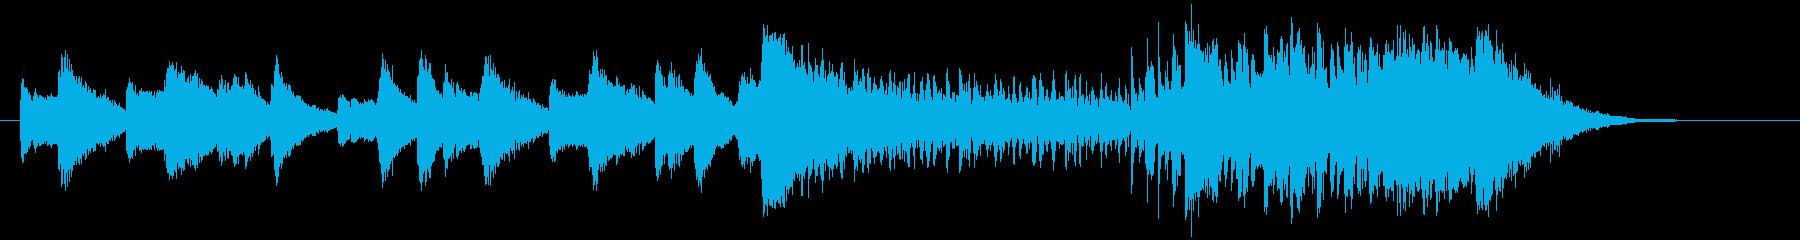 抑揚のあるジャズバラードの再生済みの波形